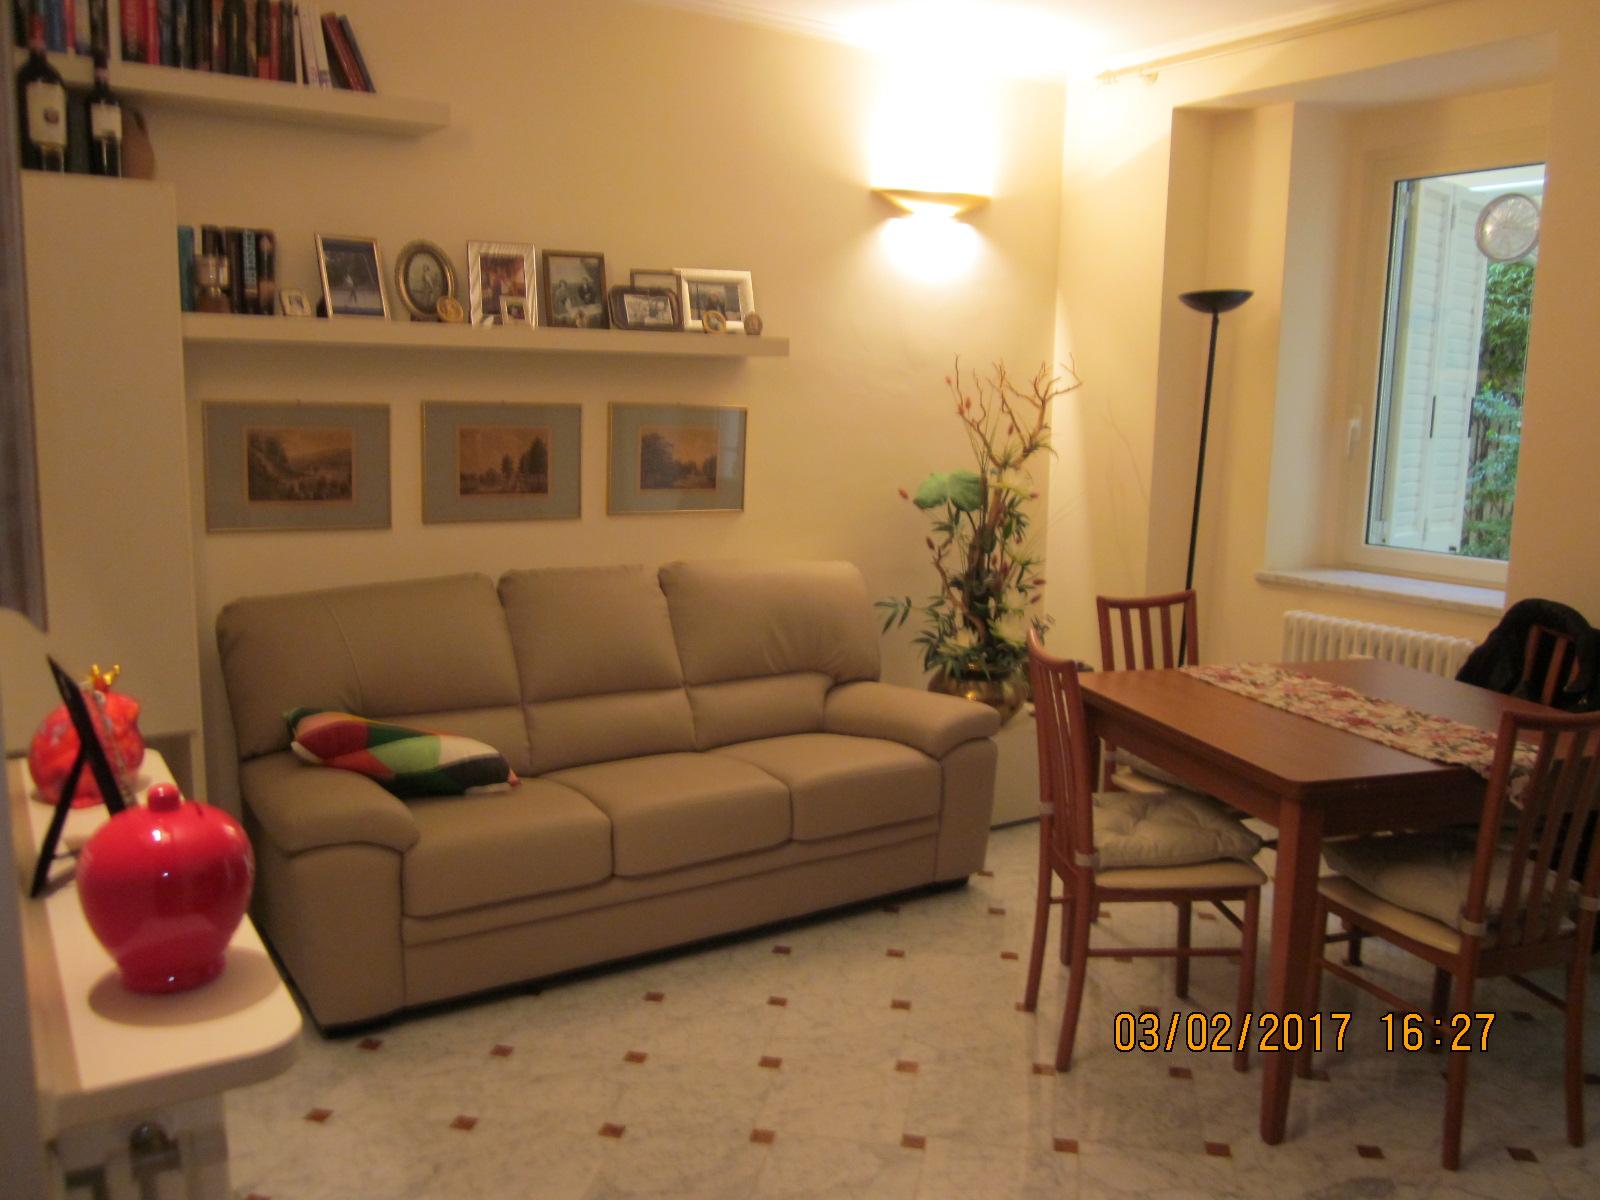 Appartamento in affitto a Viareggio, 3 locali, zona Località: Fasciamare, prezzo € 1.000 | Cambio Casa.it